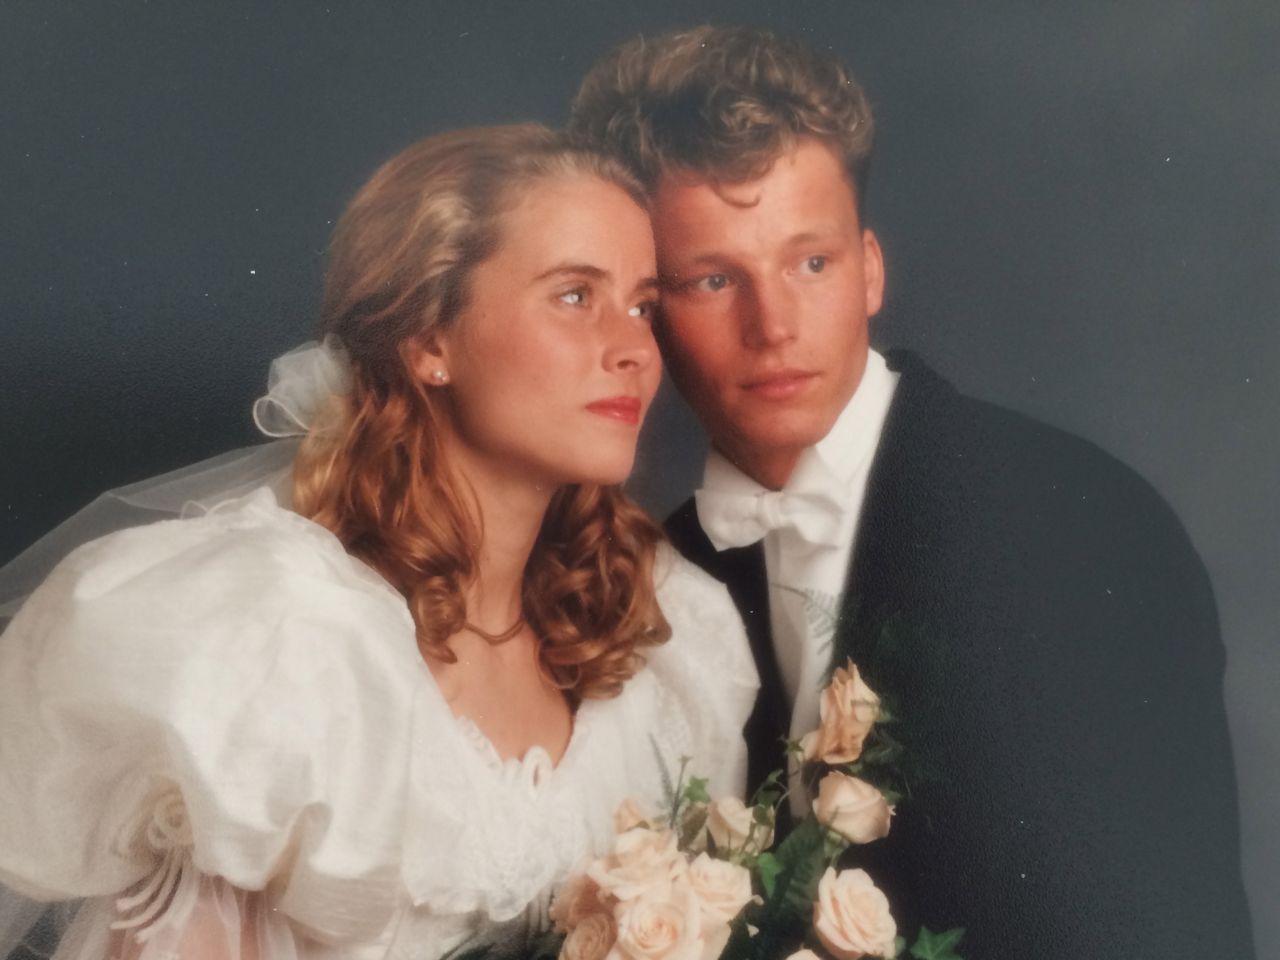 Bröllopsdagen som hemligheten förstörde